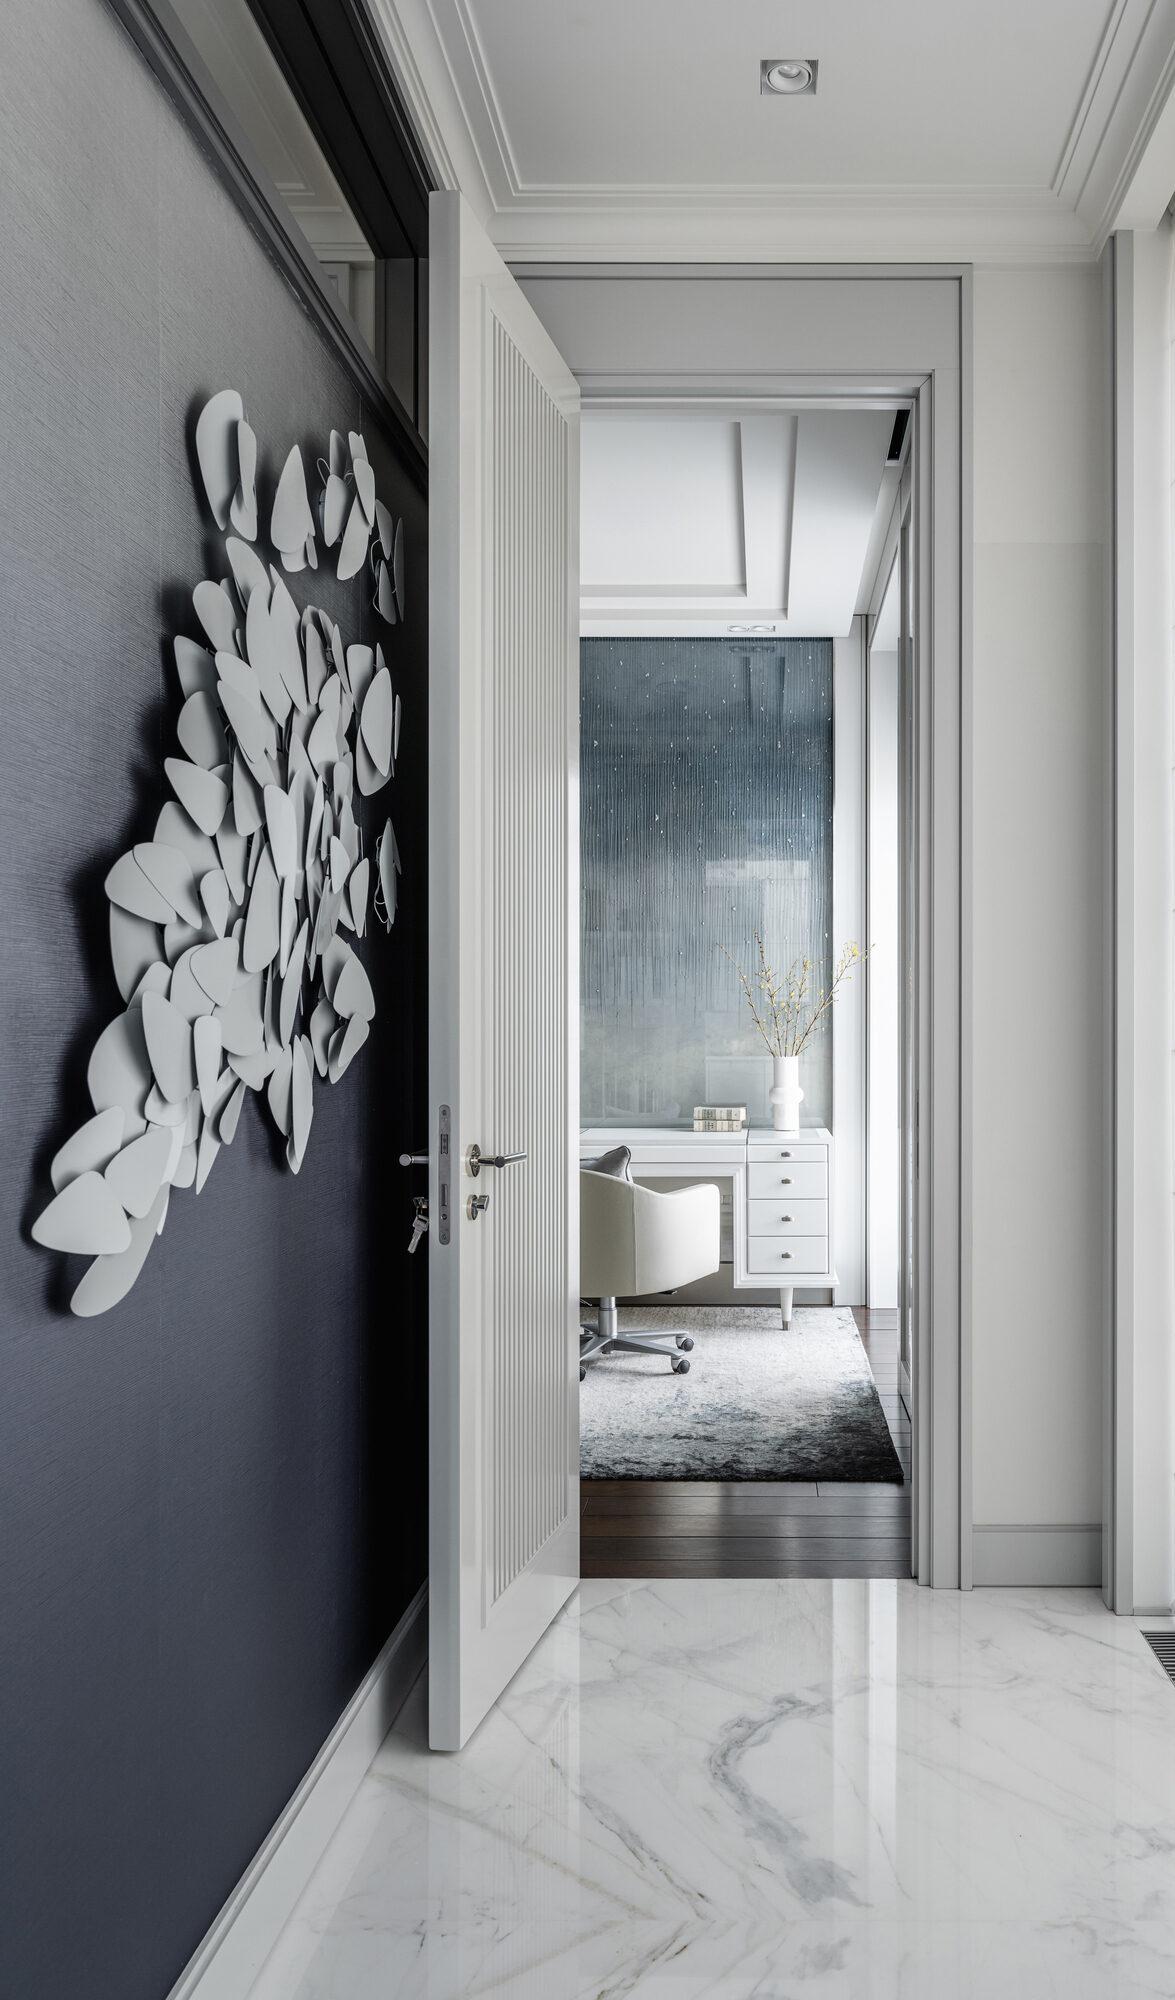 'White & Neutral' apartment